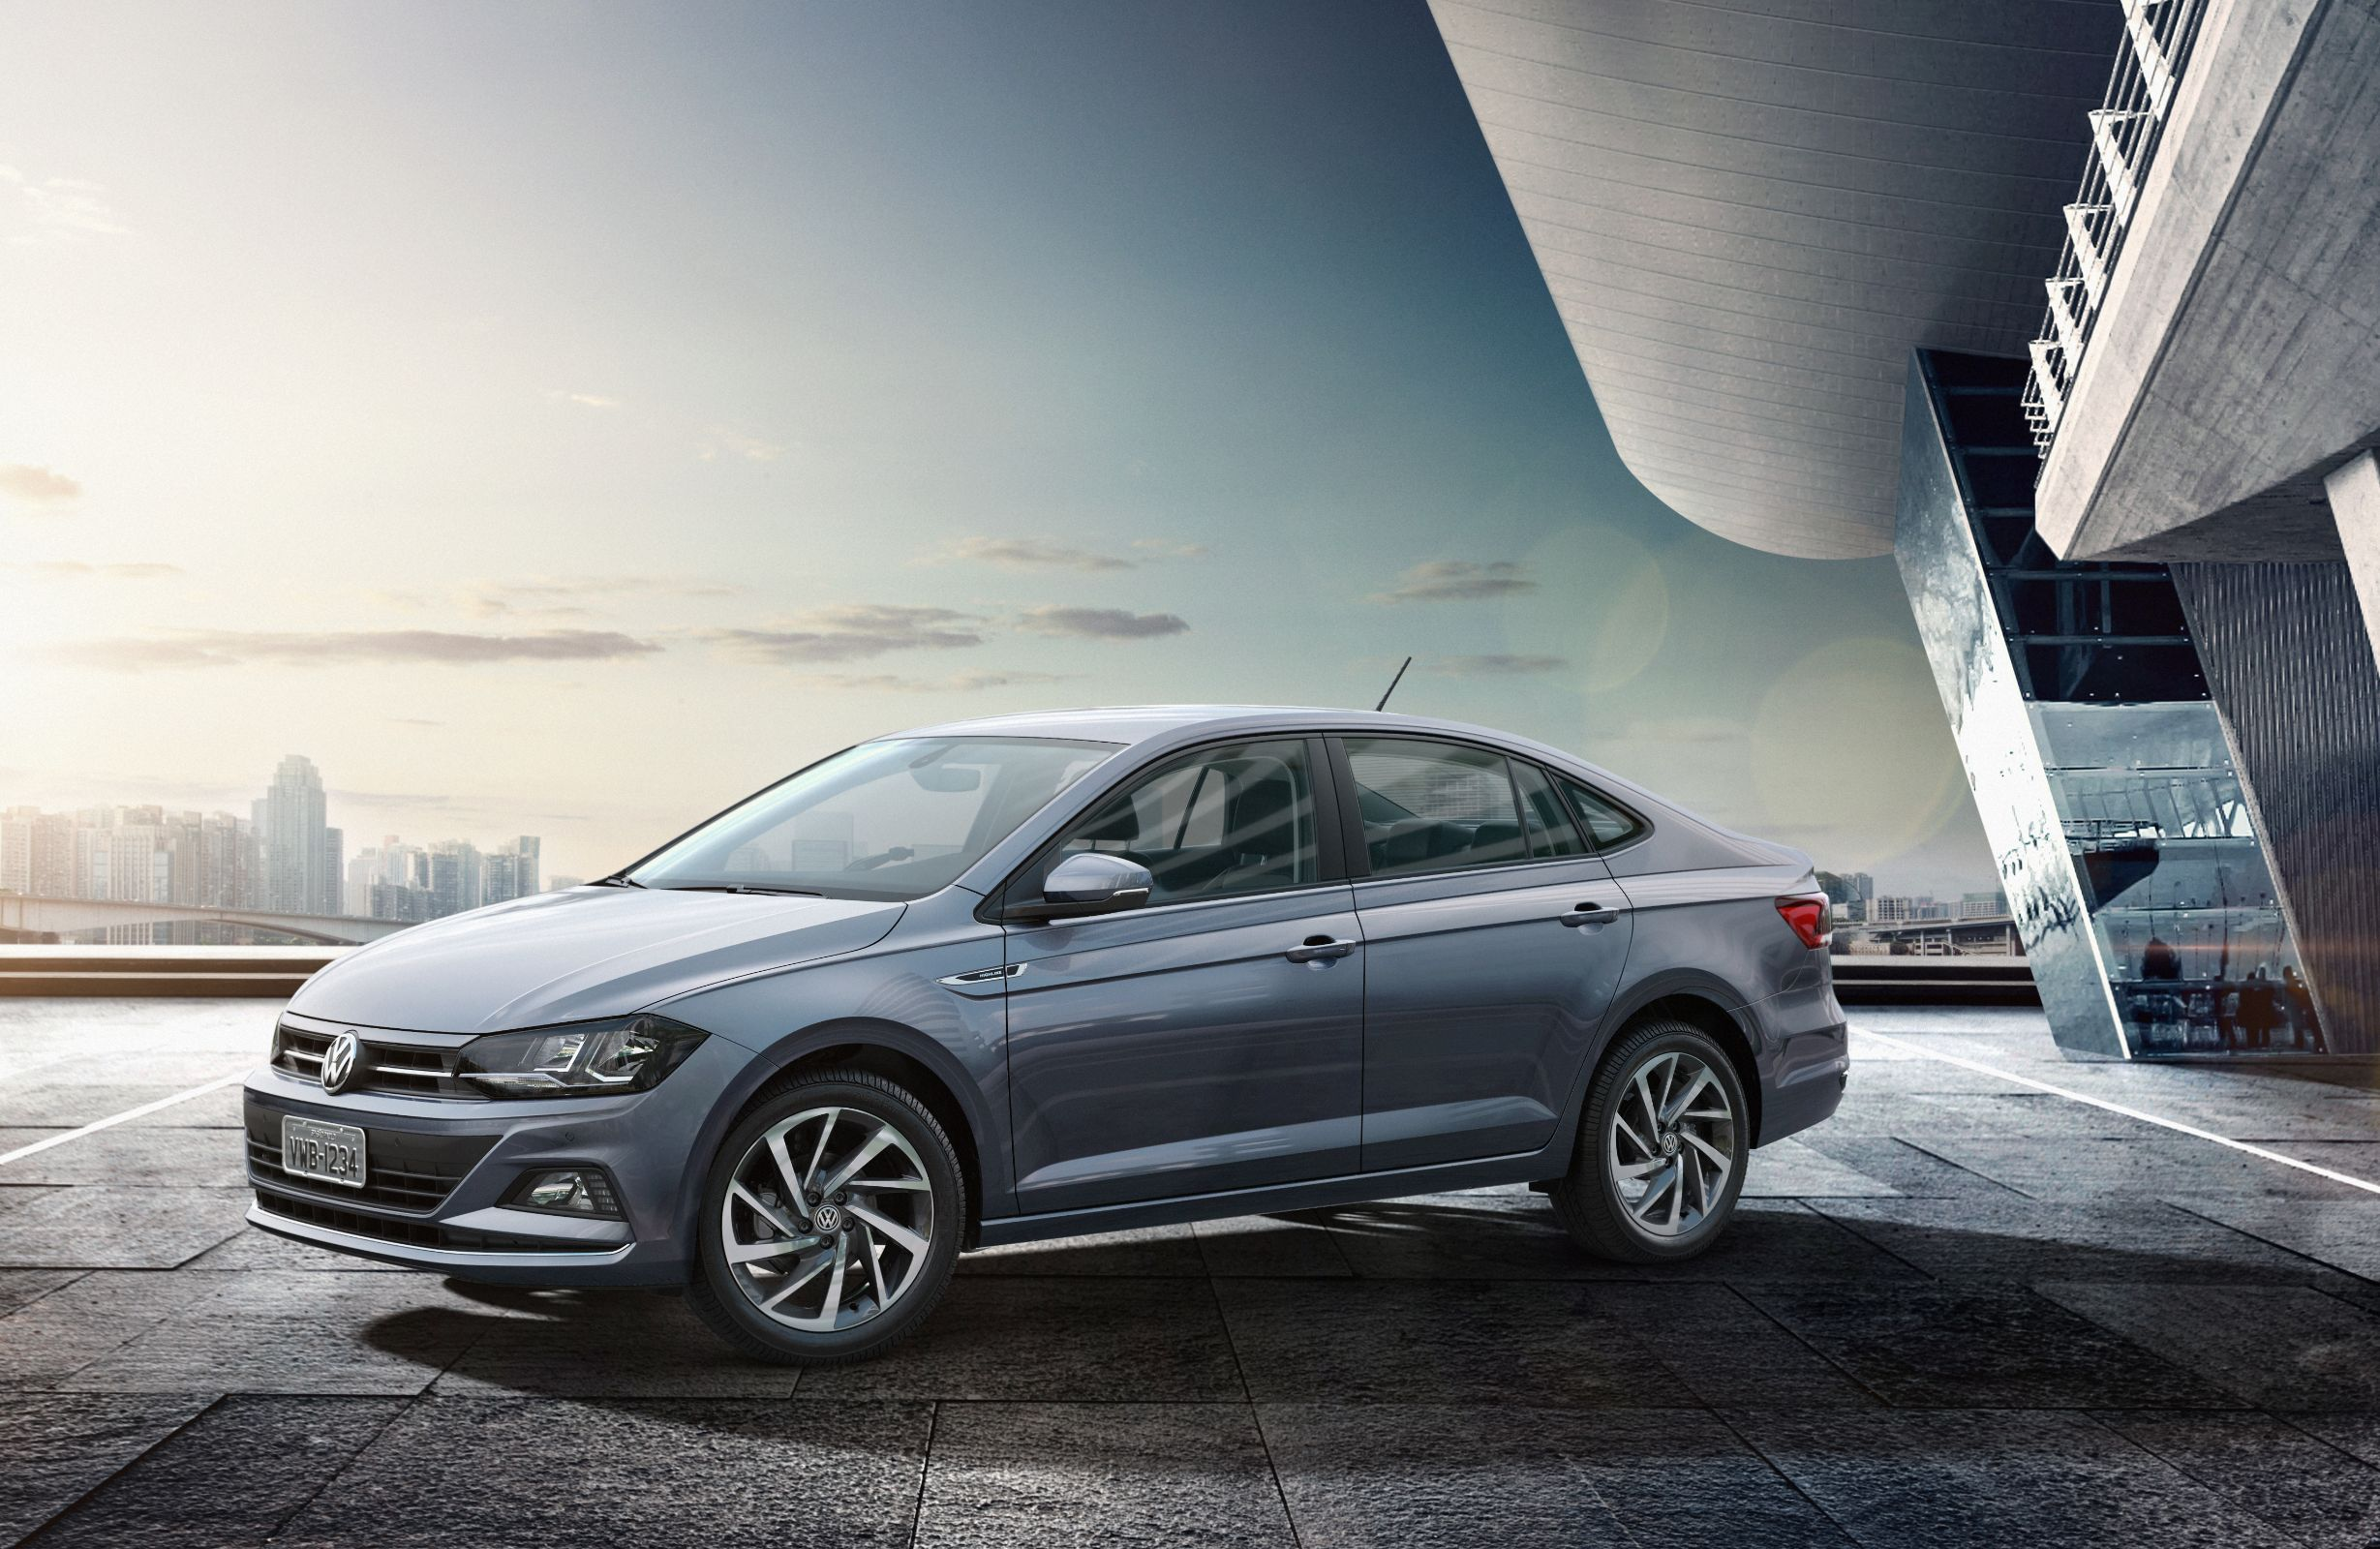 Conheça todos os detalhes do sedã Virtus da Volkswagen, incluindo preços, versões, desempenho, equipamentos e a nossa avaliação em vídeo